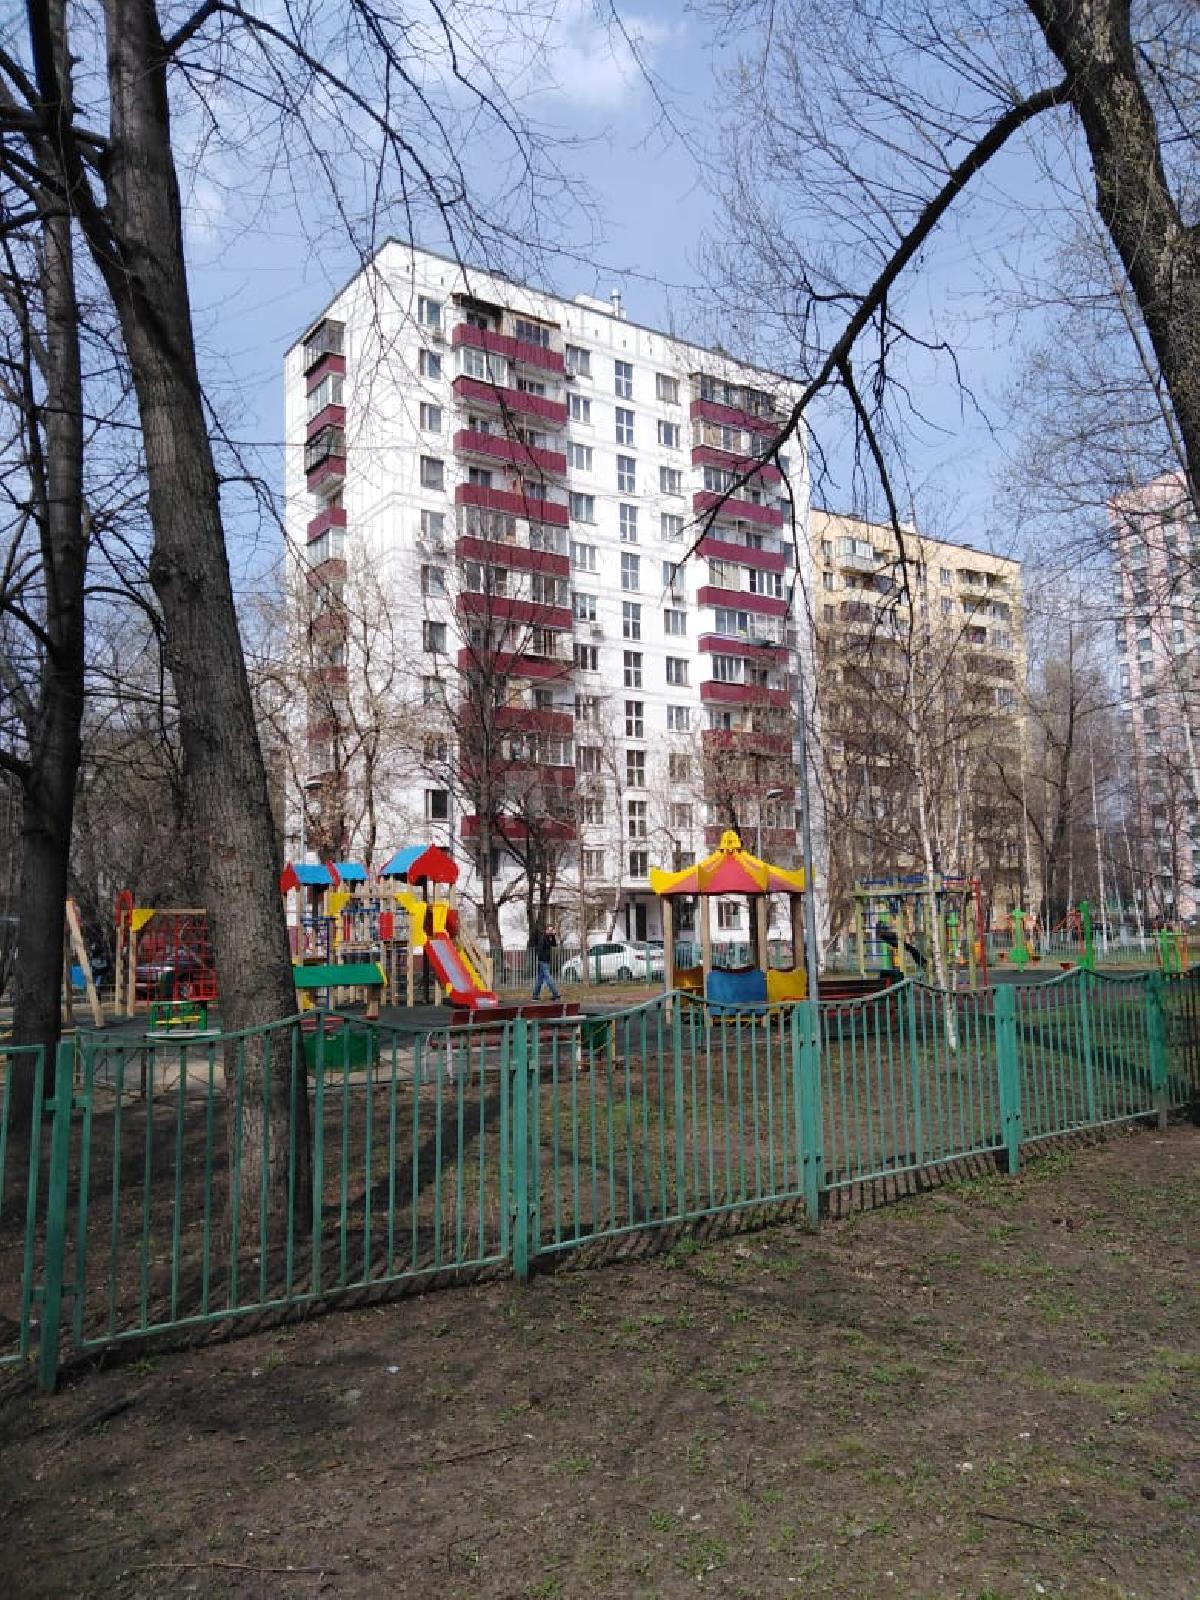 Фото №3 - 2-комнатная квартира, Москва, Рязанский проспект 95 корпус 1, метро Выхино